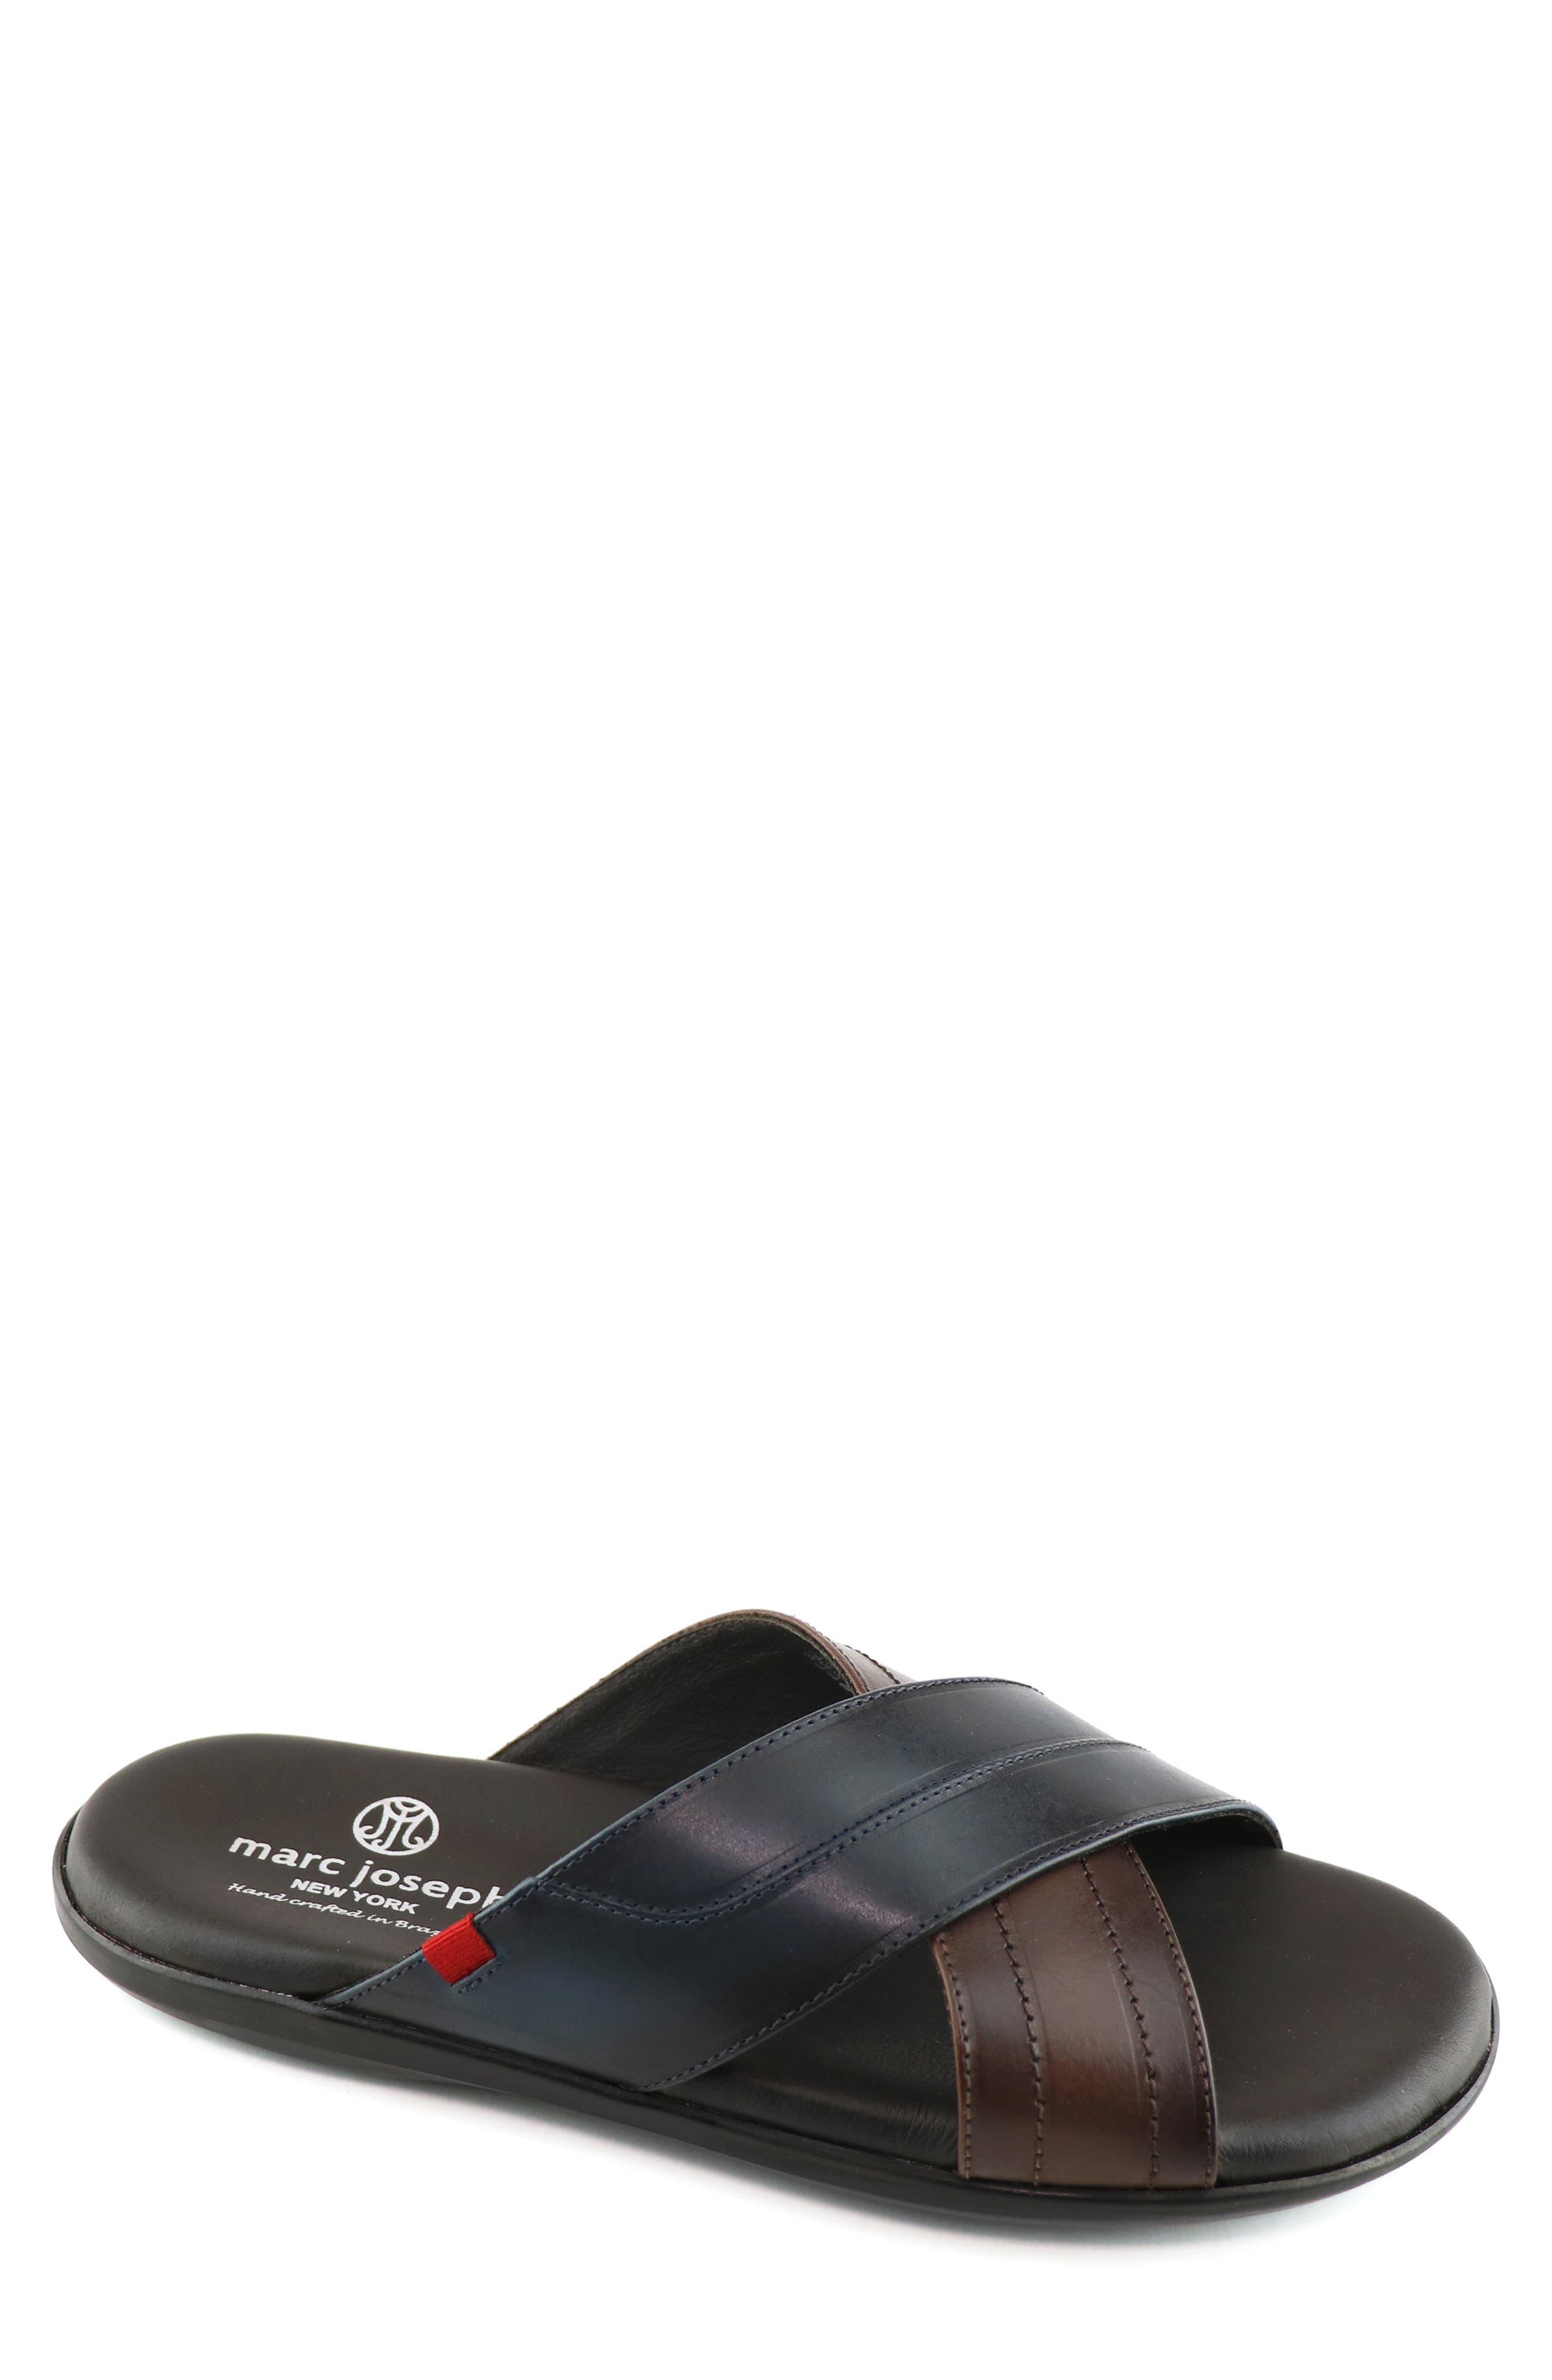 Boone Ave Slide Sandal